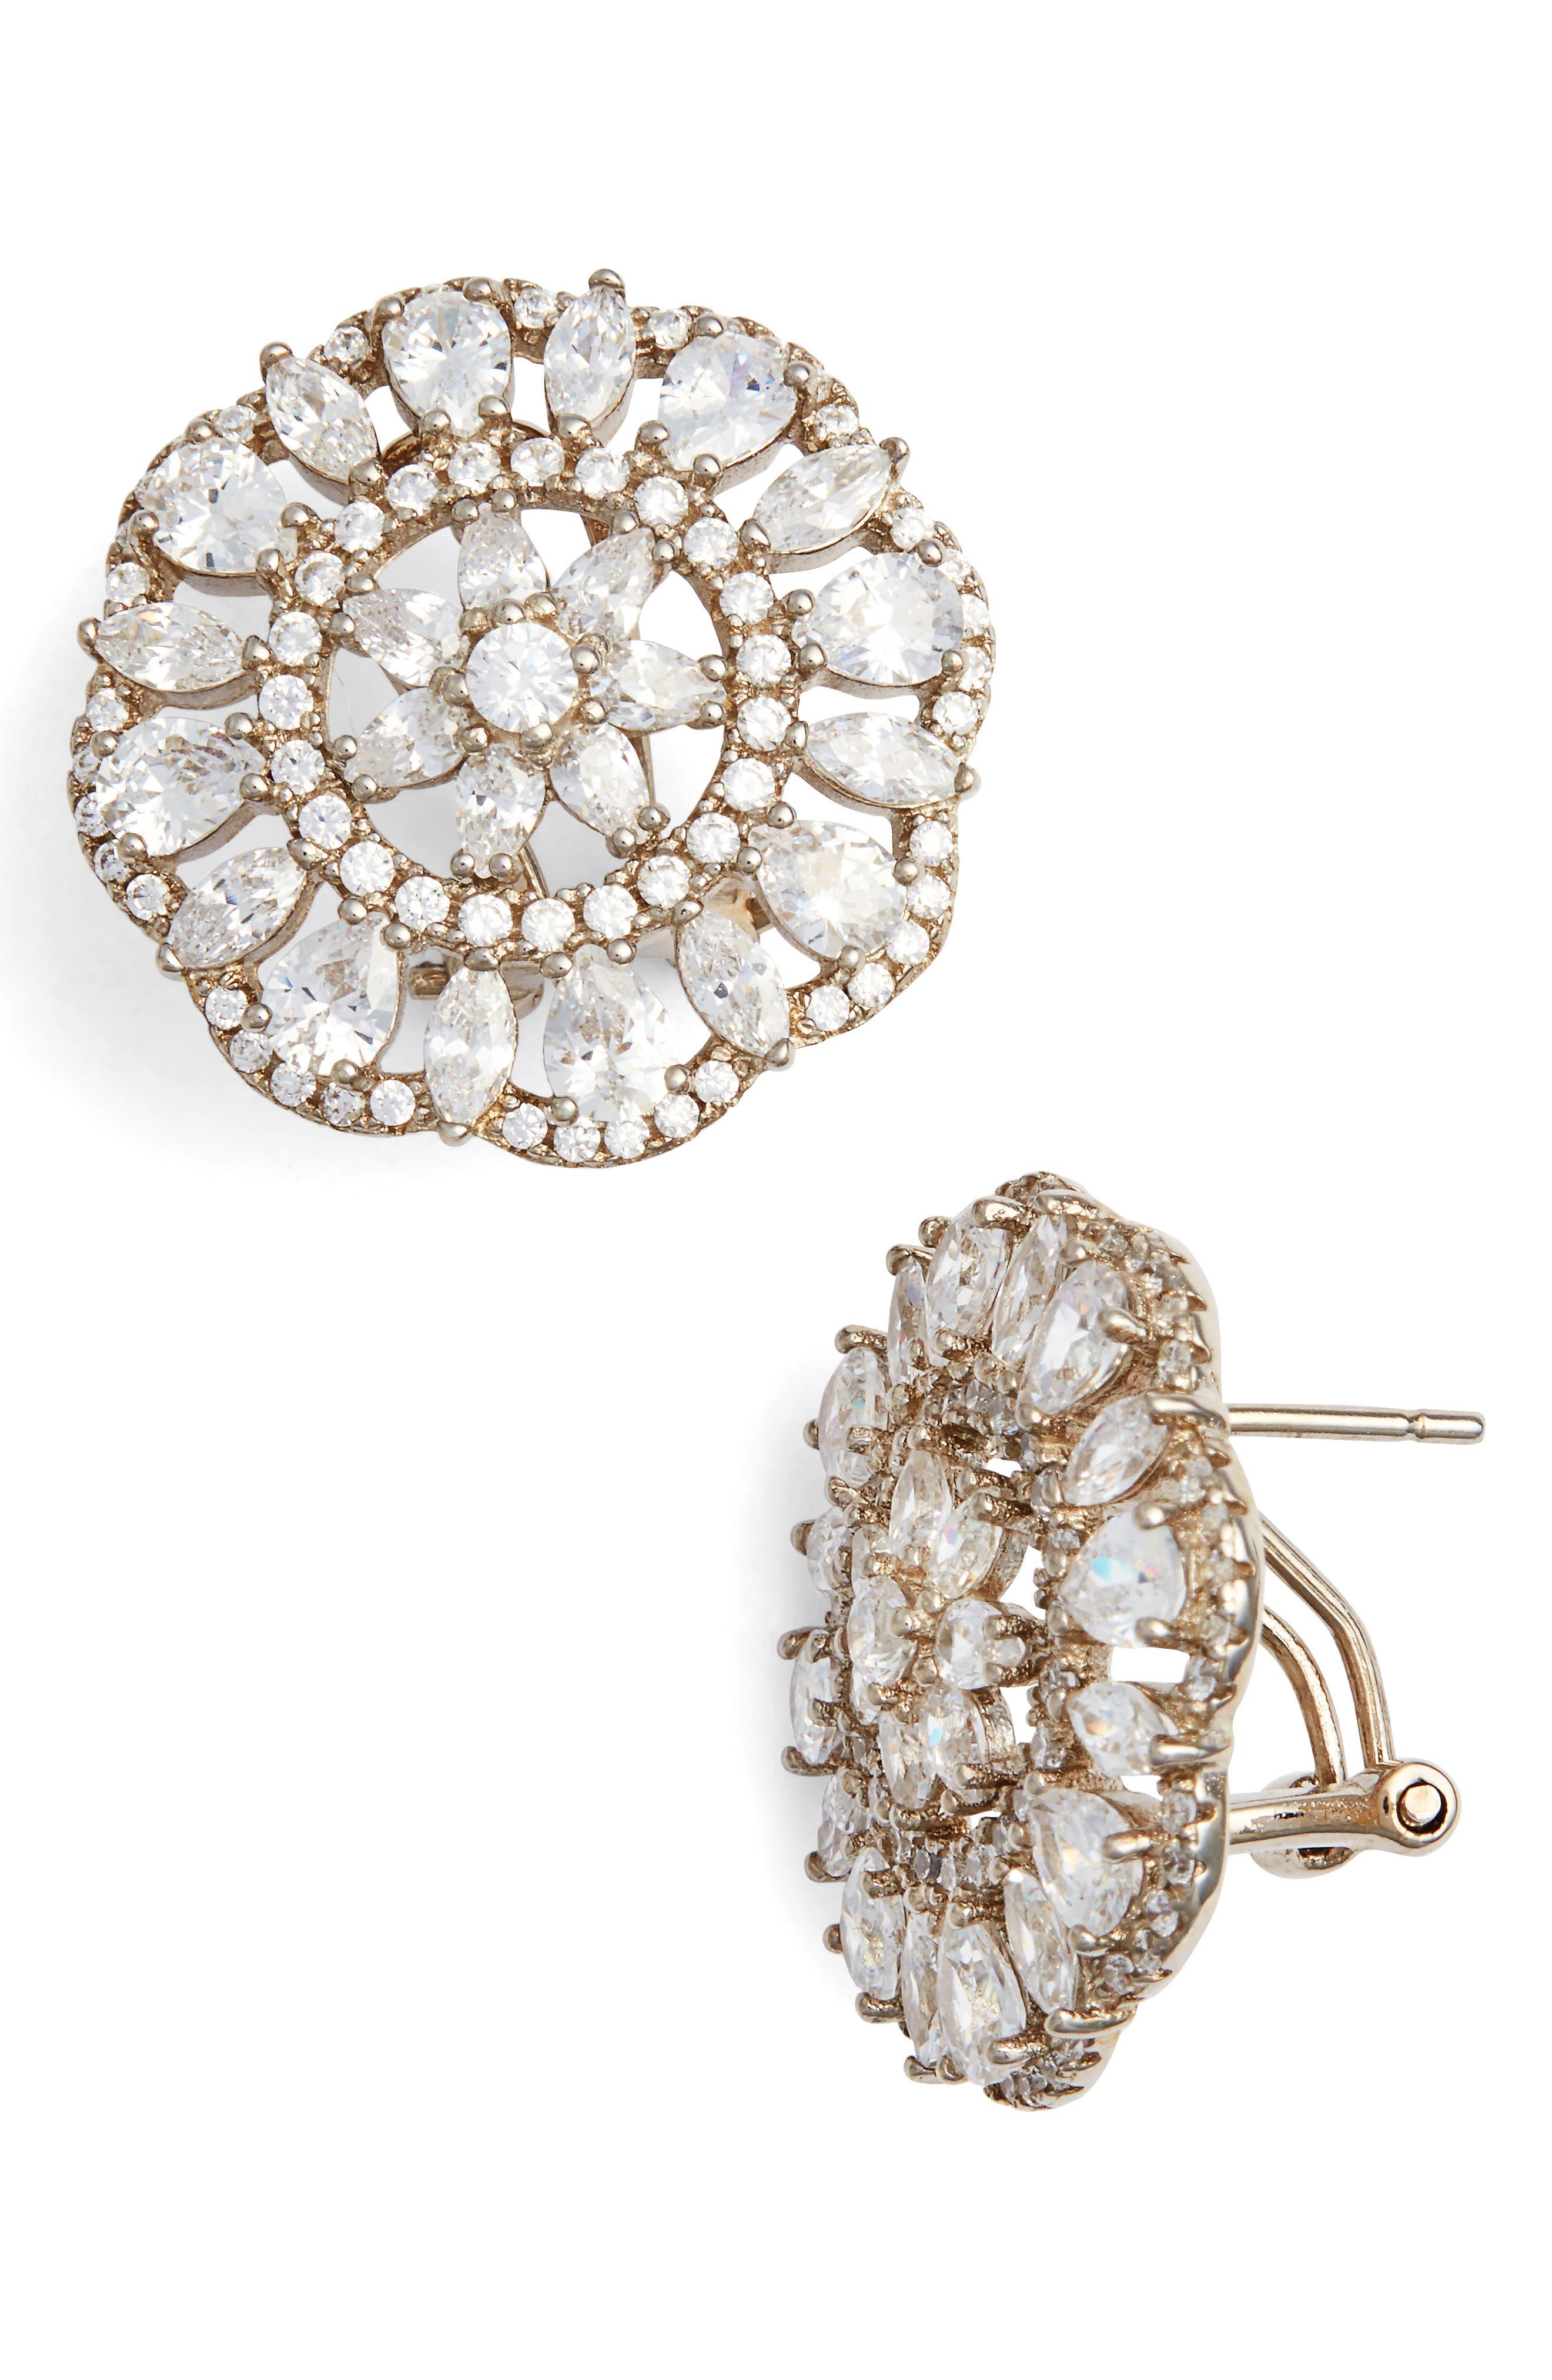 Sunburst Cubic Zirconia Clip Earrings,                             Main thumbnail 1, color,                             Silver/ White Cz